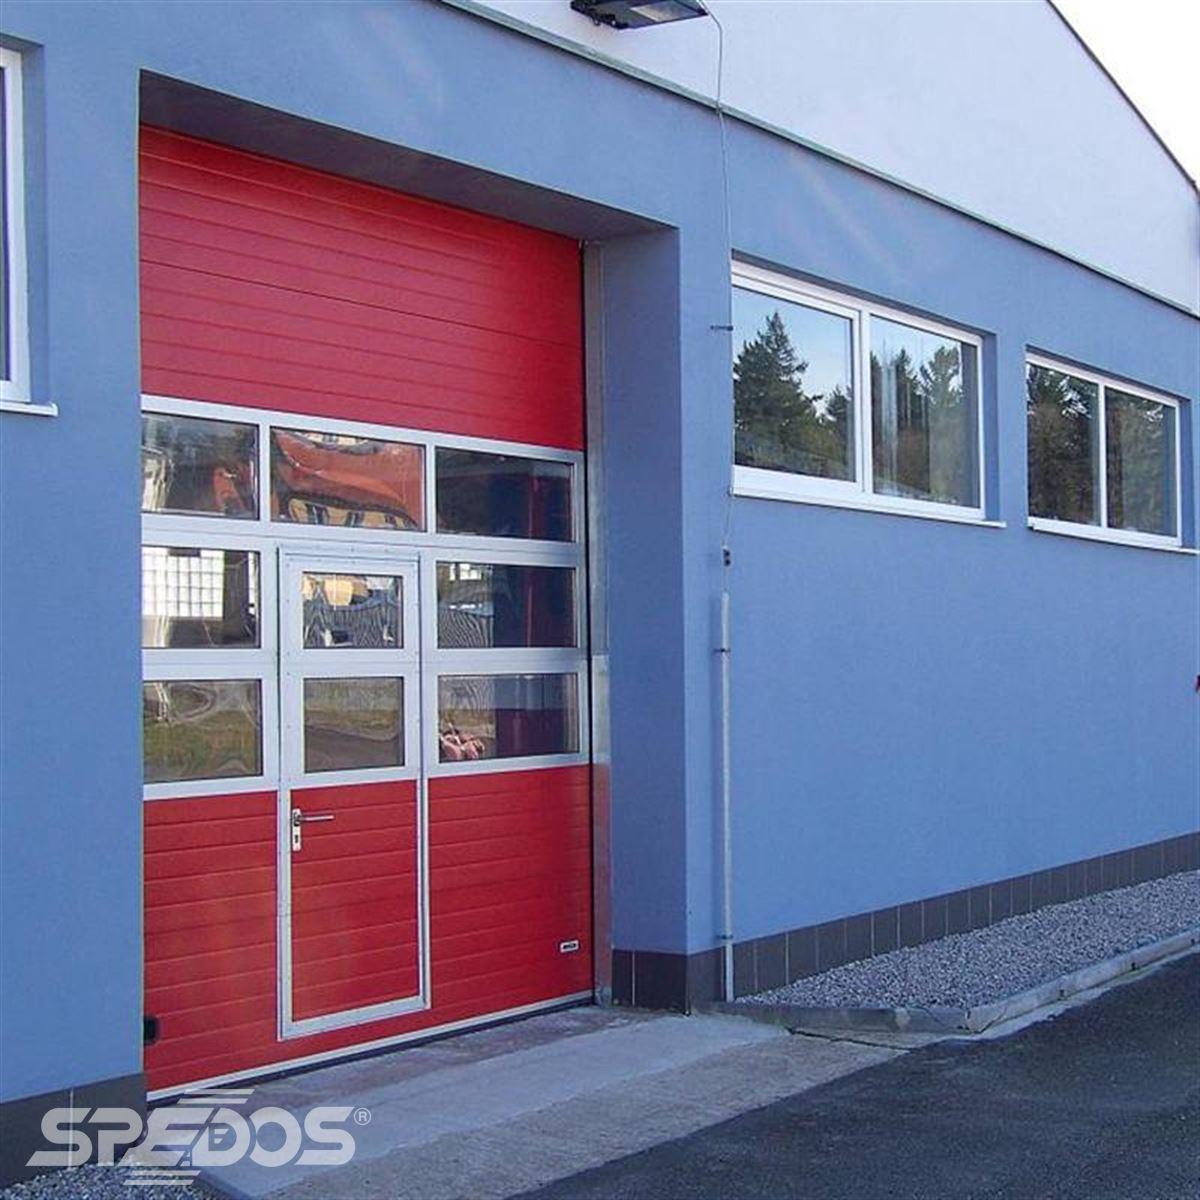 zateplená sekční vrata s průchozími dveřmi 3